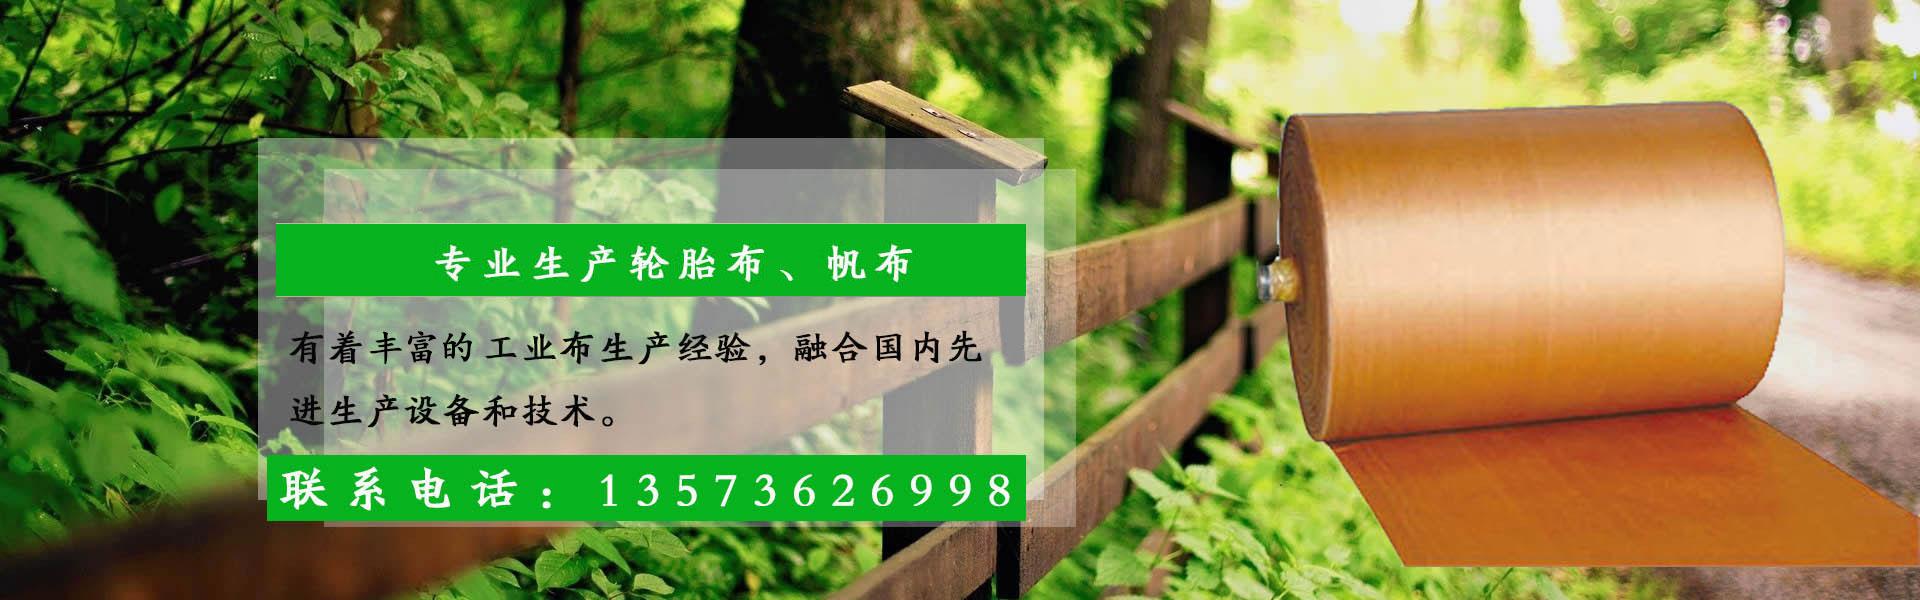 青州海得利化纤制造有限公司